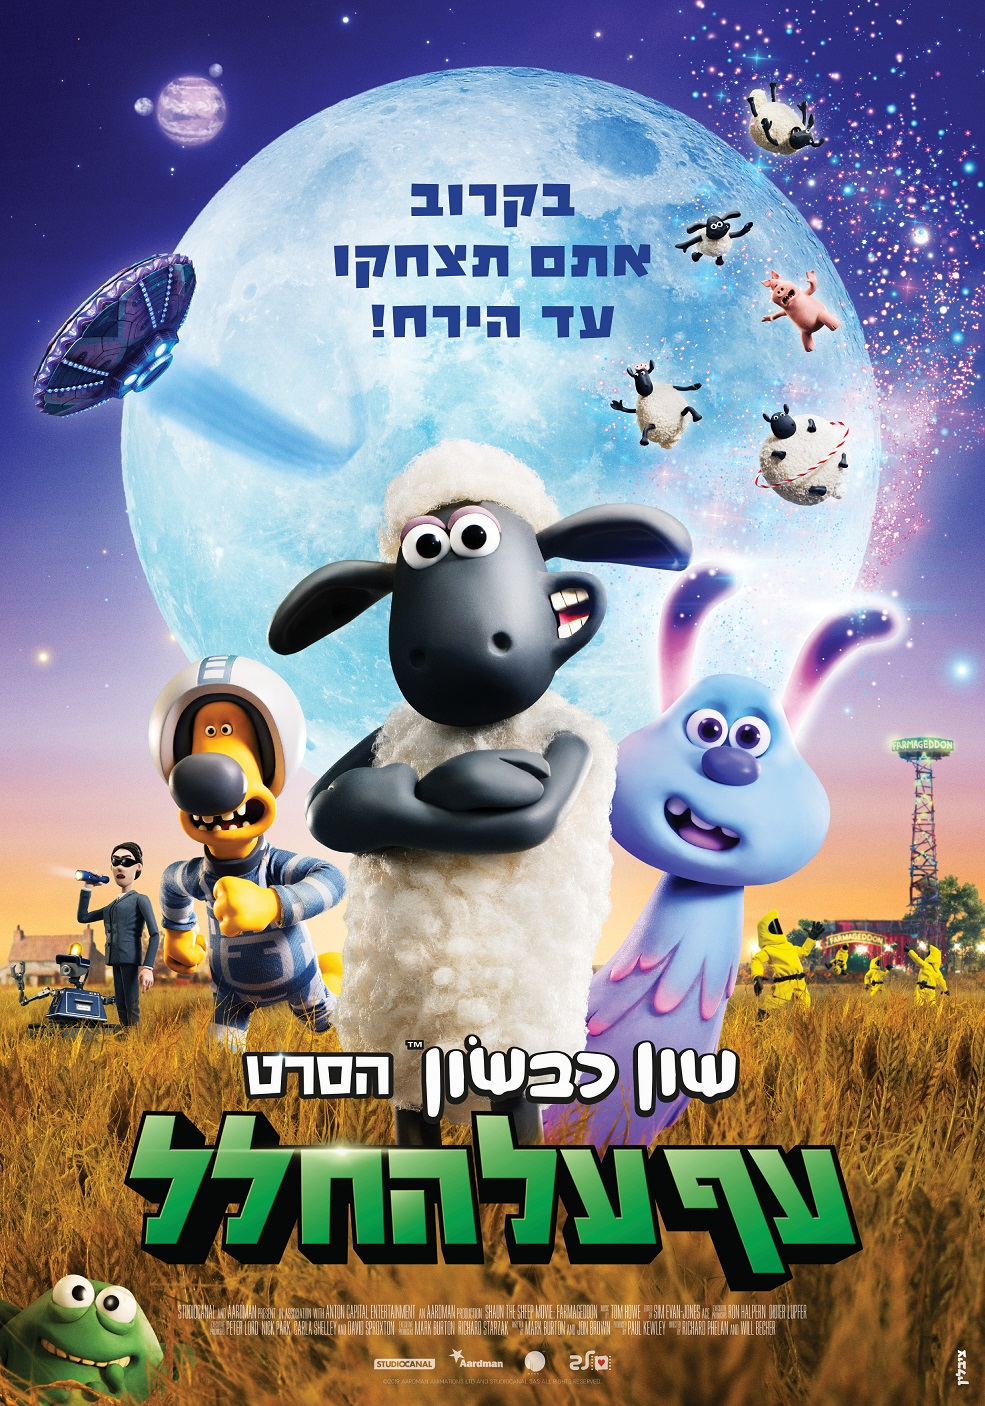 שון כבשון: עף על החלל עברית